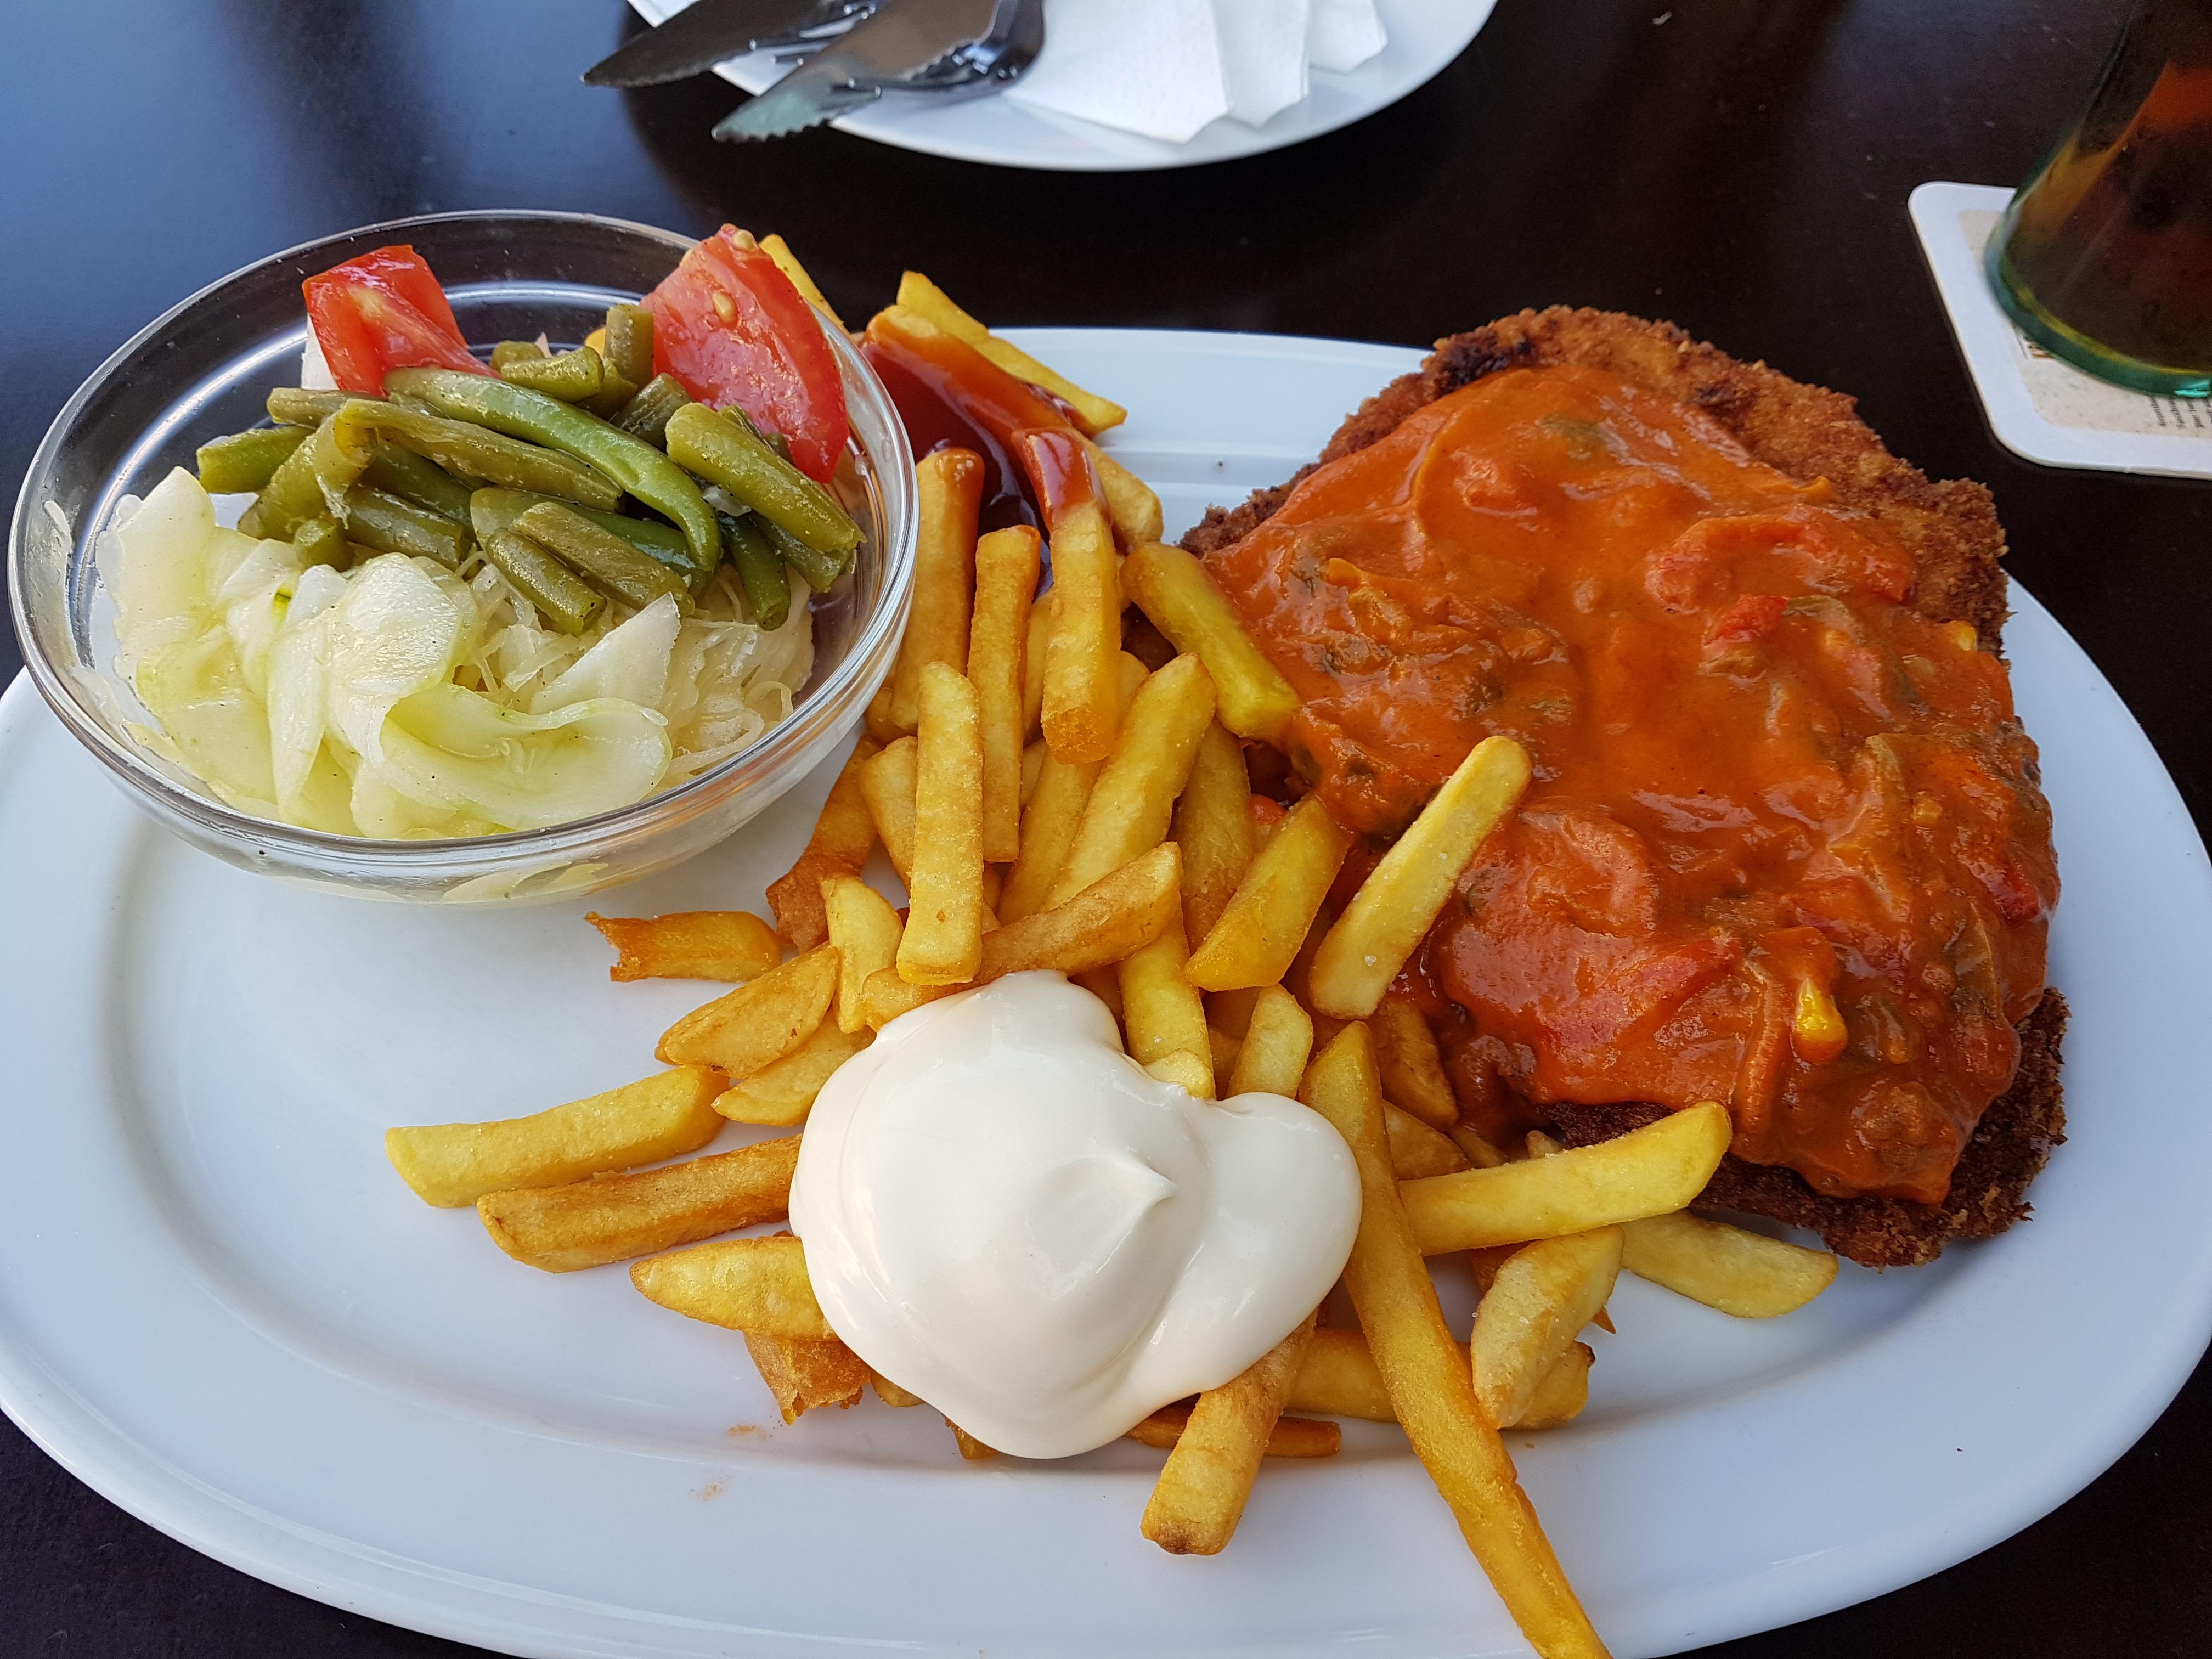 http://foodloader.net/Holz_2017-07-15_Paprikarahmschnitzel.jpg